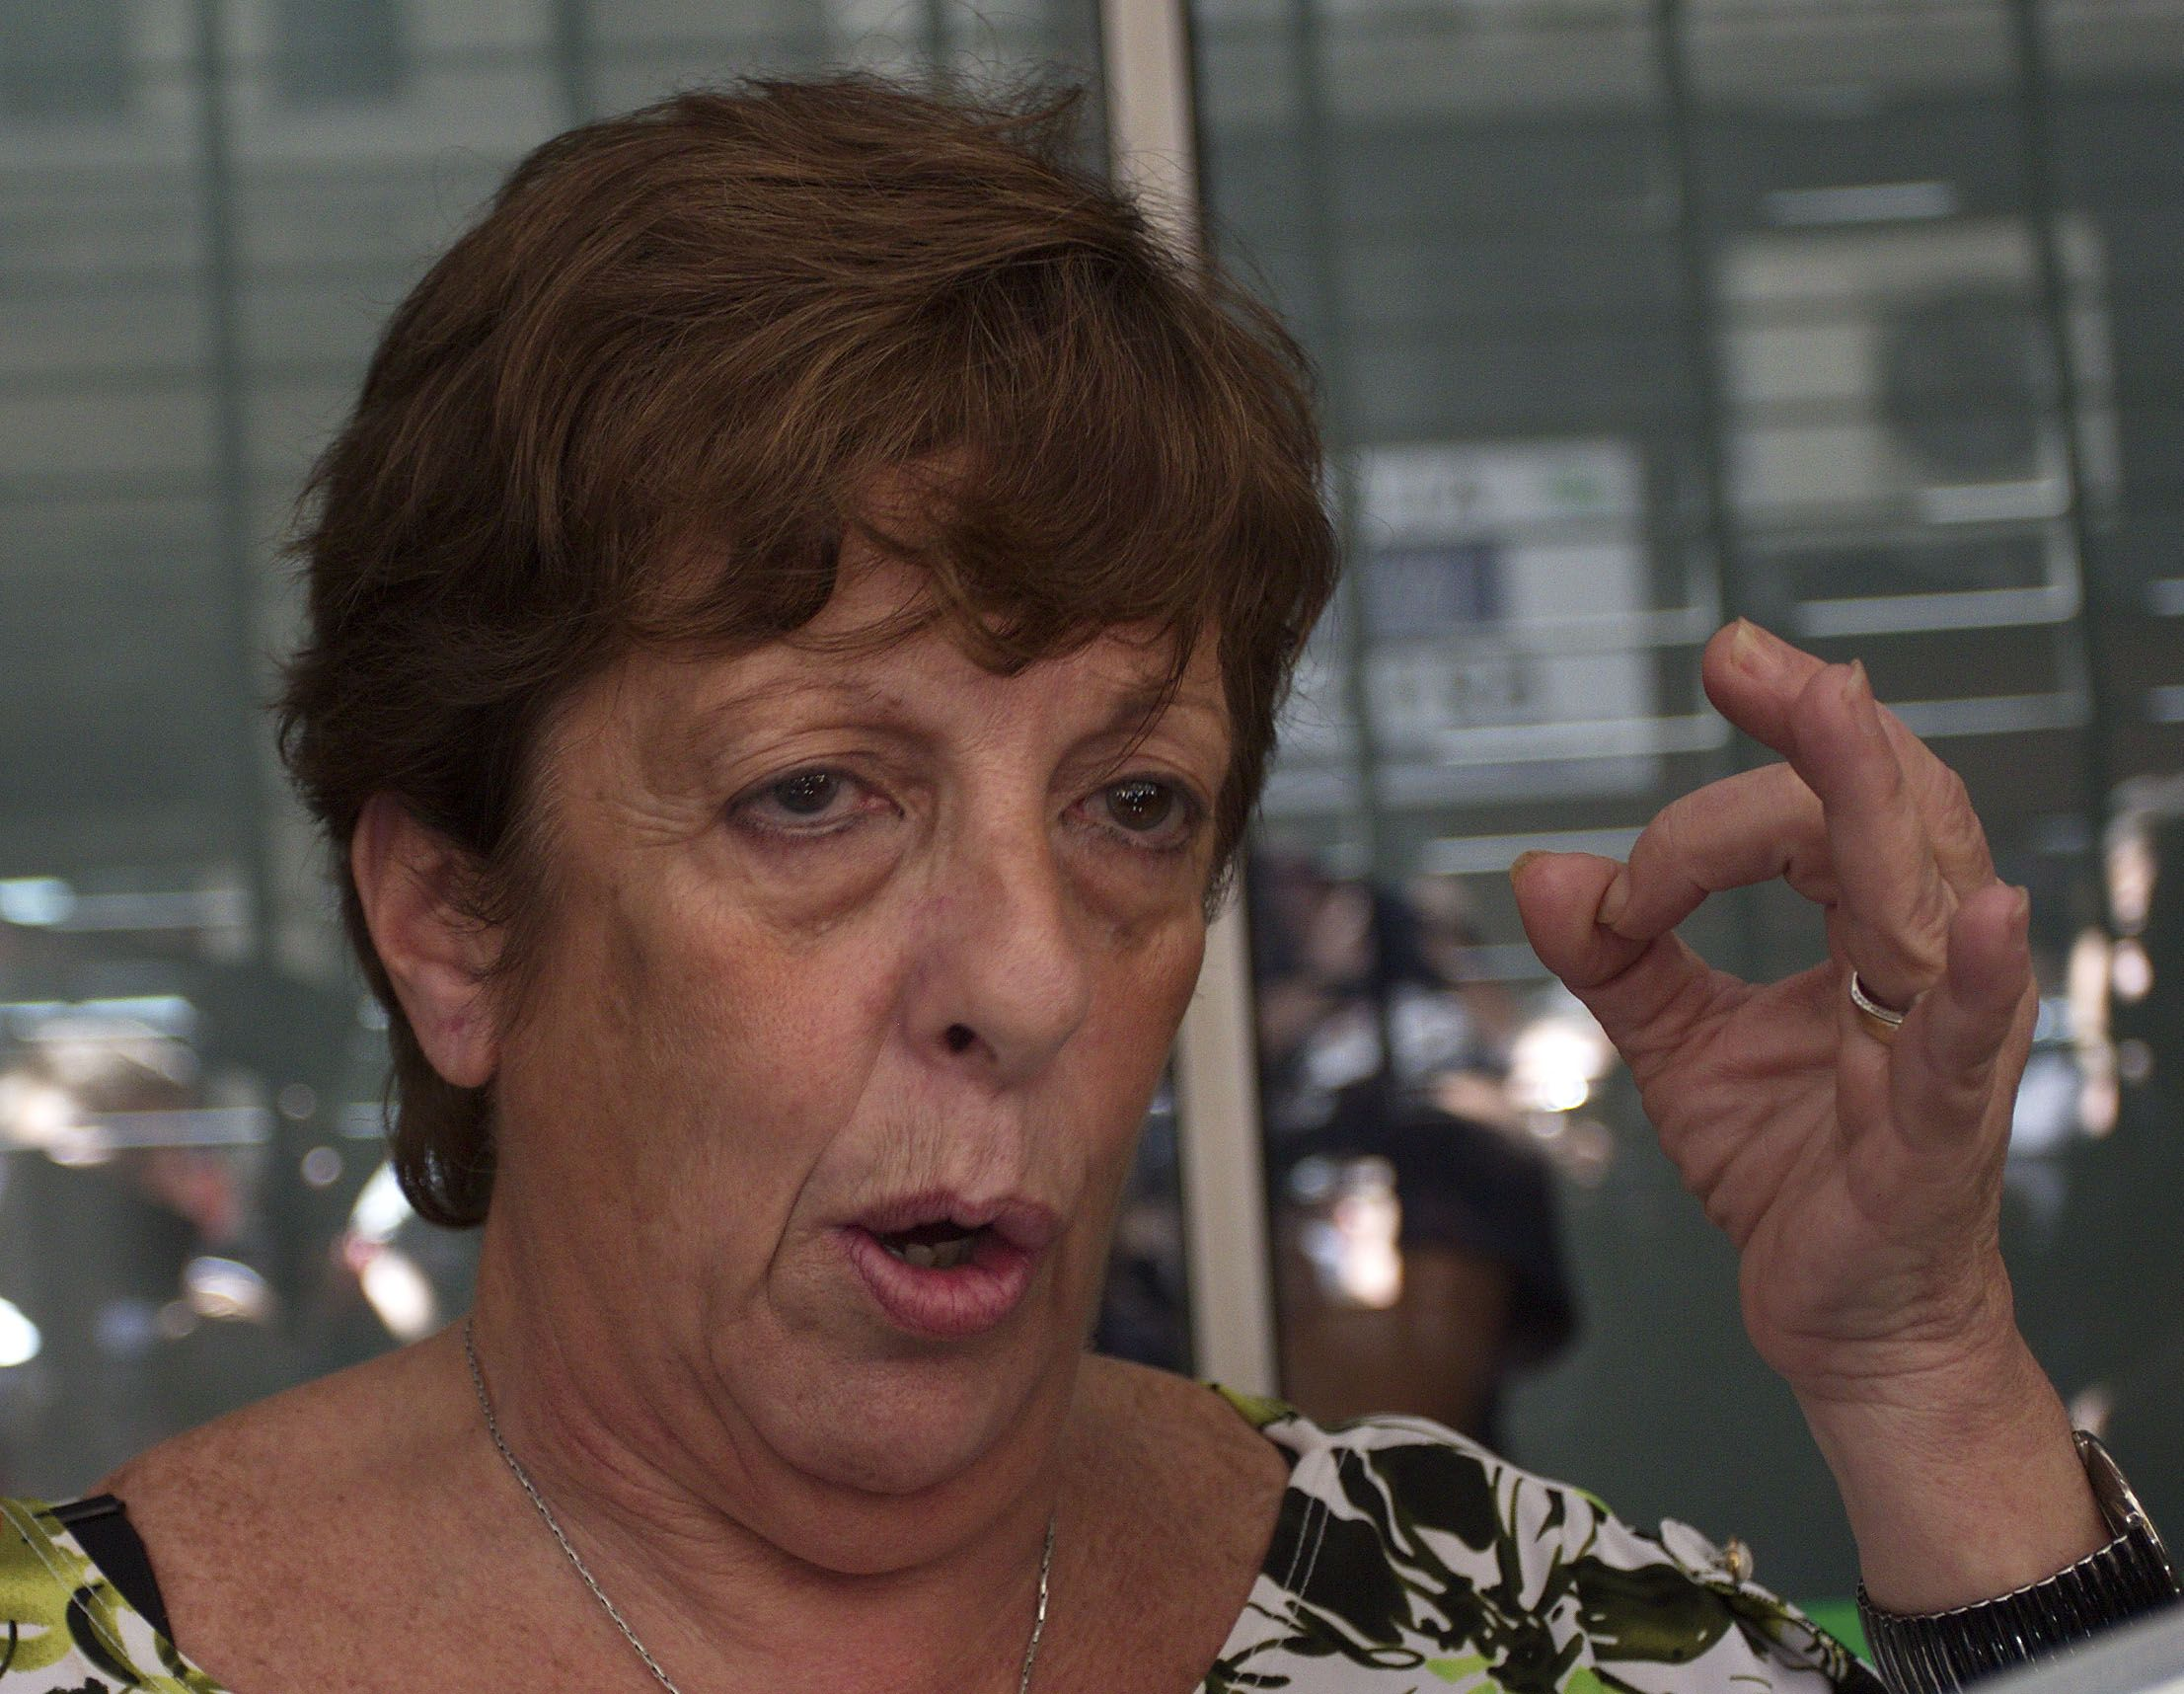 confirmada. Fein seguirá investigando la muerte de Nisman a pesar de la resistencia que planteó la querella.